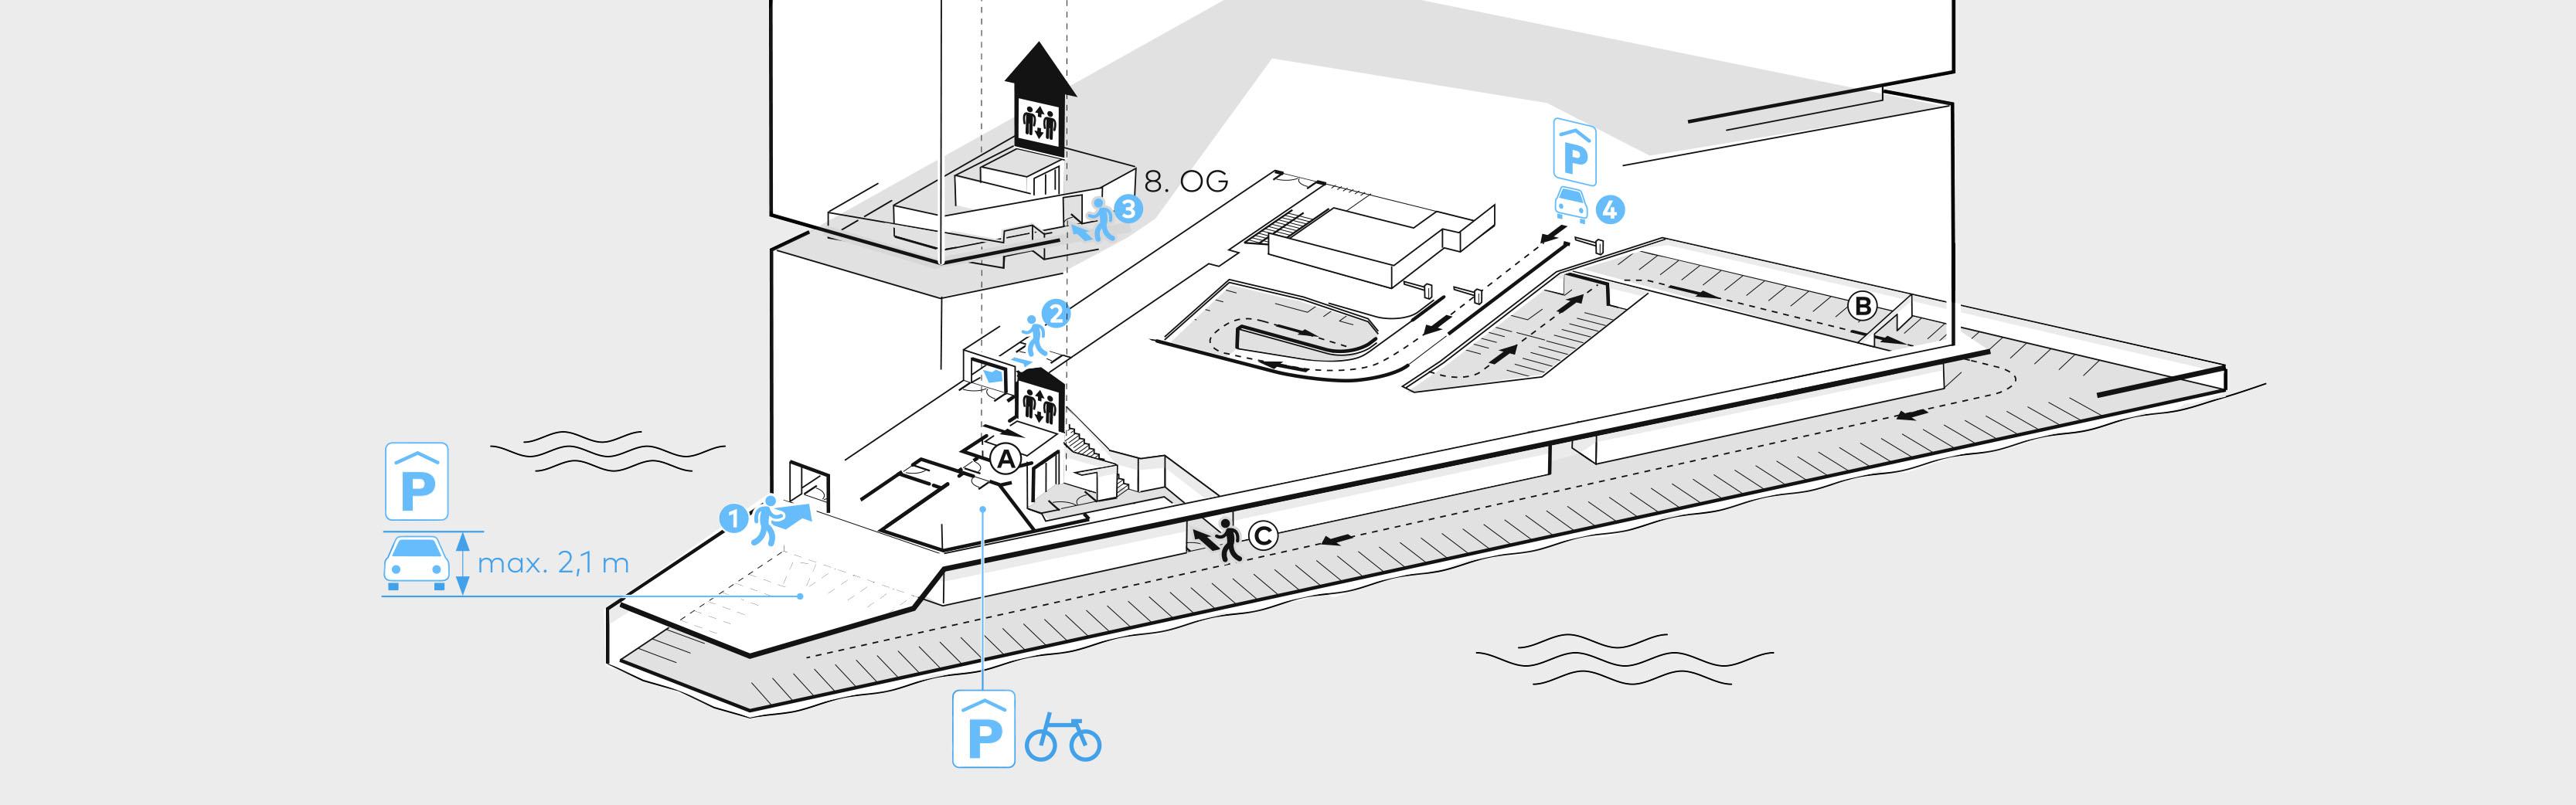 Komplexe Technische Illustration Gebauedezugaenge